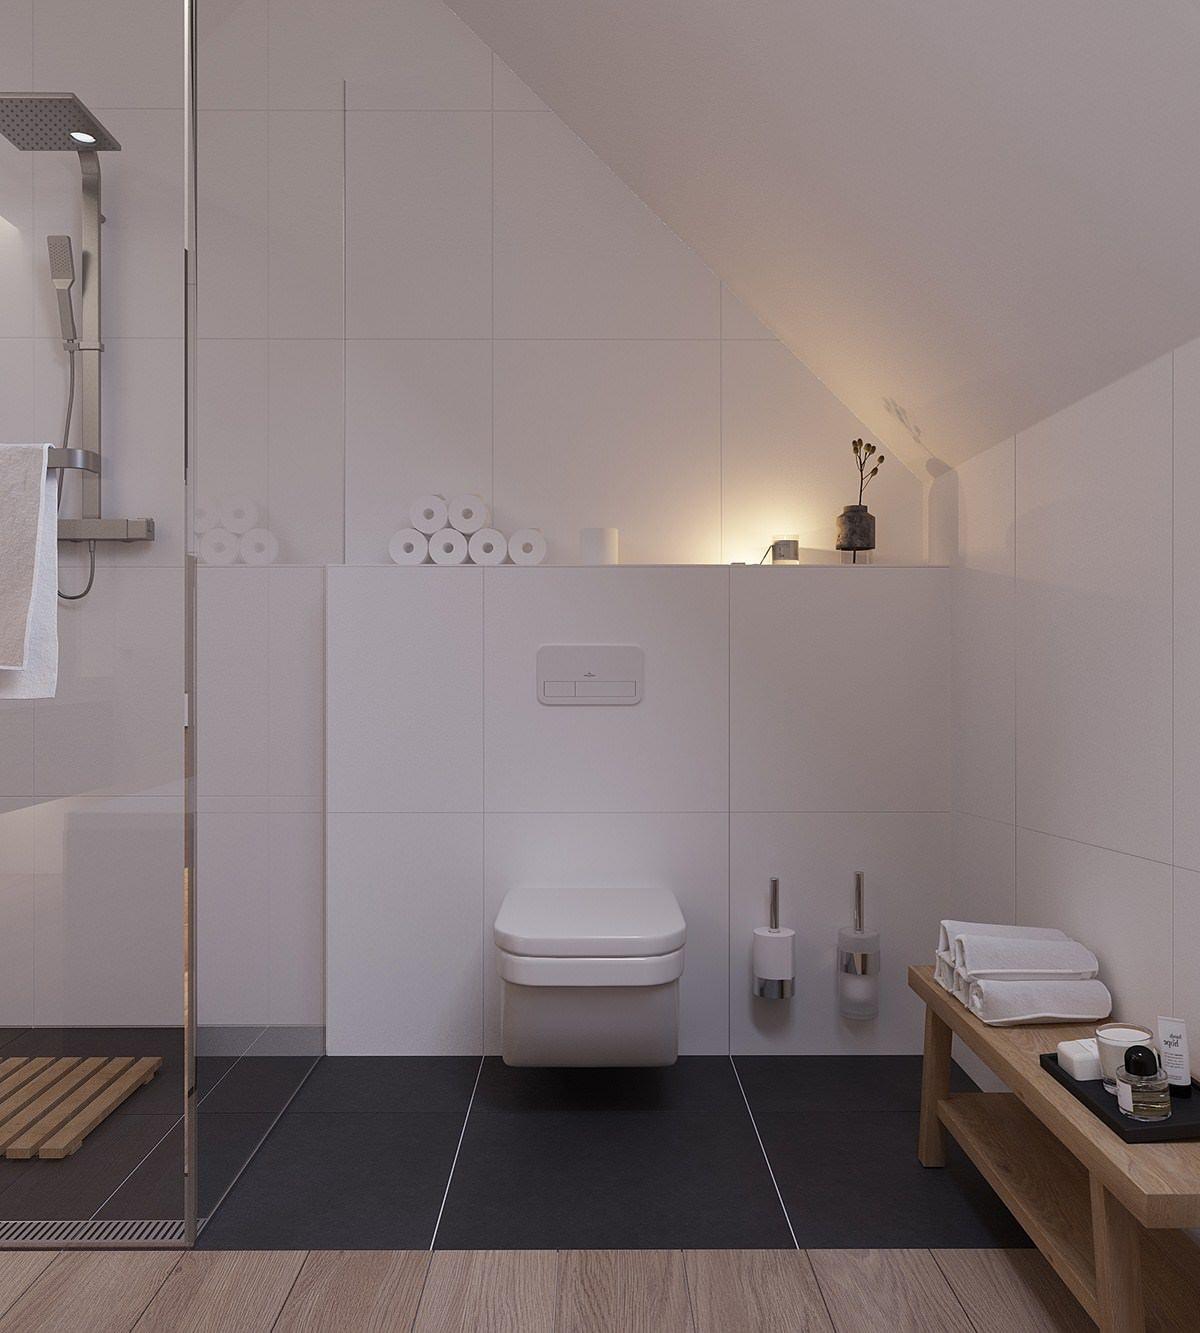 Originale Appartamento Stile Scandinavo Moderno Design Nordico Unico Ed Elegante Arredamento Casa Design Appartamenti Design Del Bagno